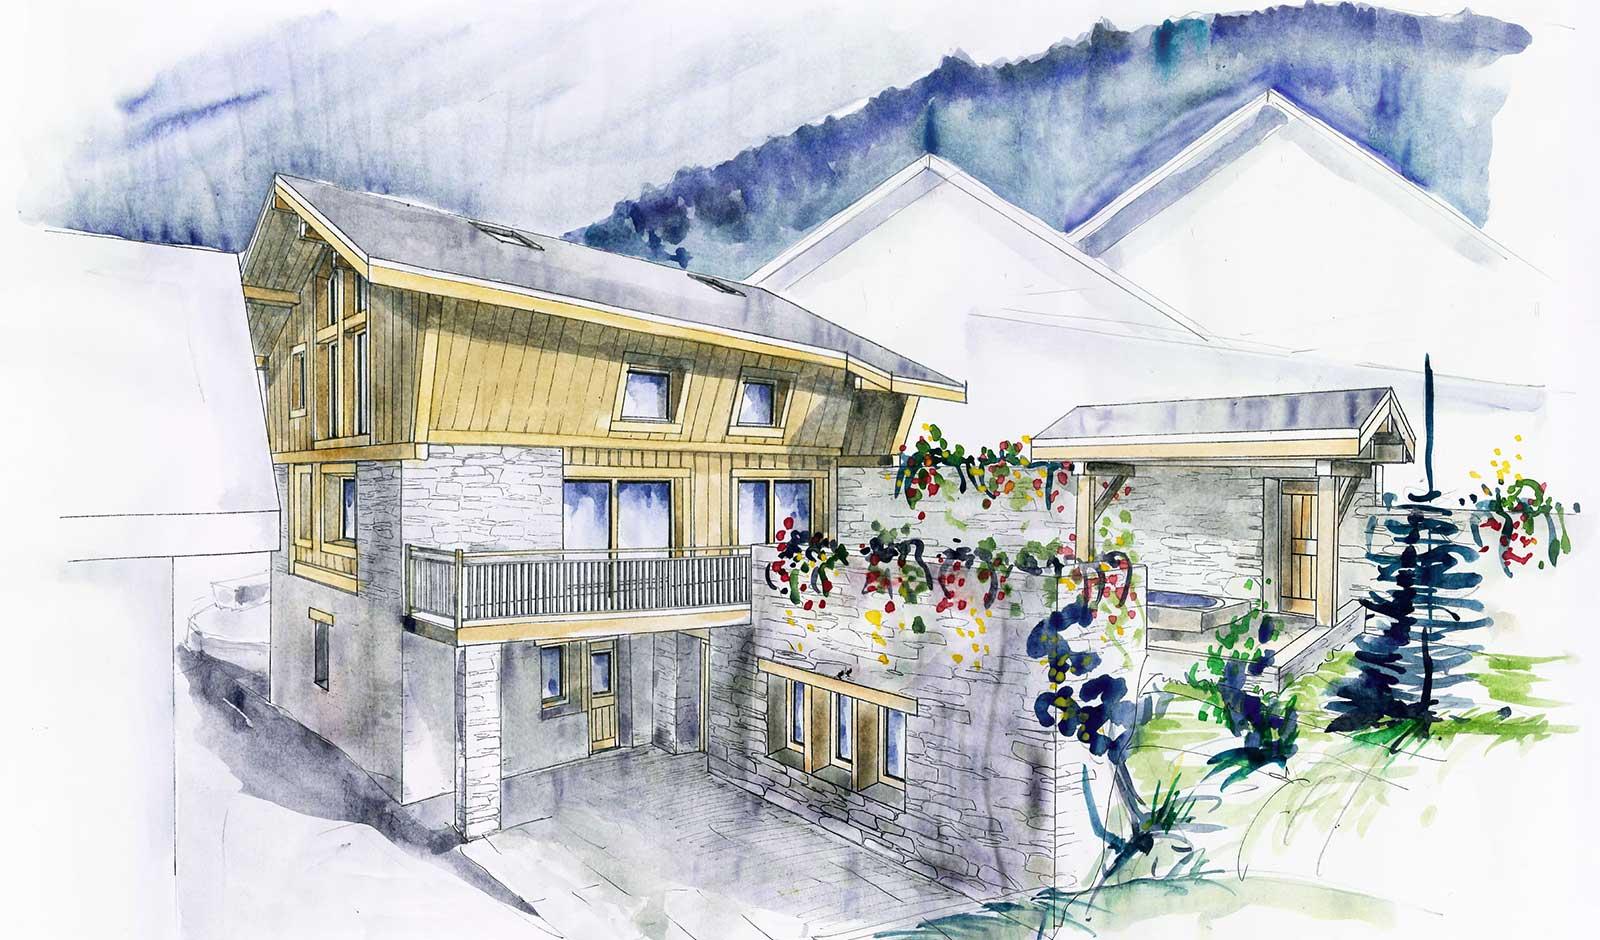 chalet-vert-mont-2-atelier-crea-and-co-architecte-design-project-manager-meribel-savoie